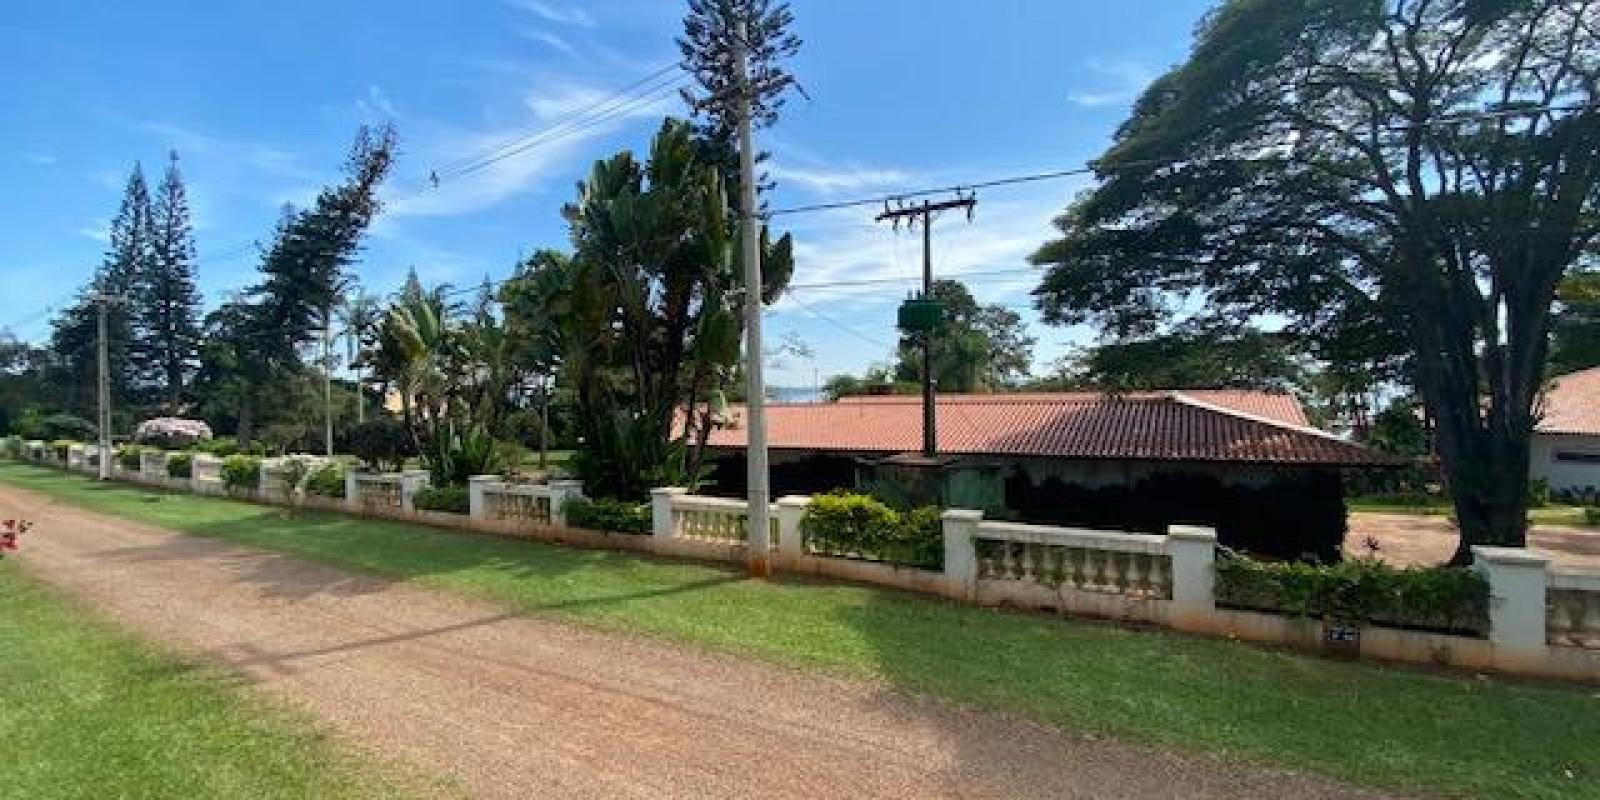 Casa Pé na Areia na Represa Condomínio Parque Náutico em Avaré SP - Foto 52 de 53